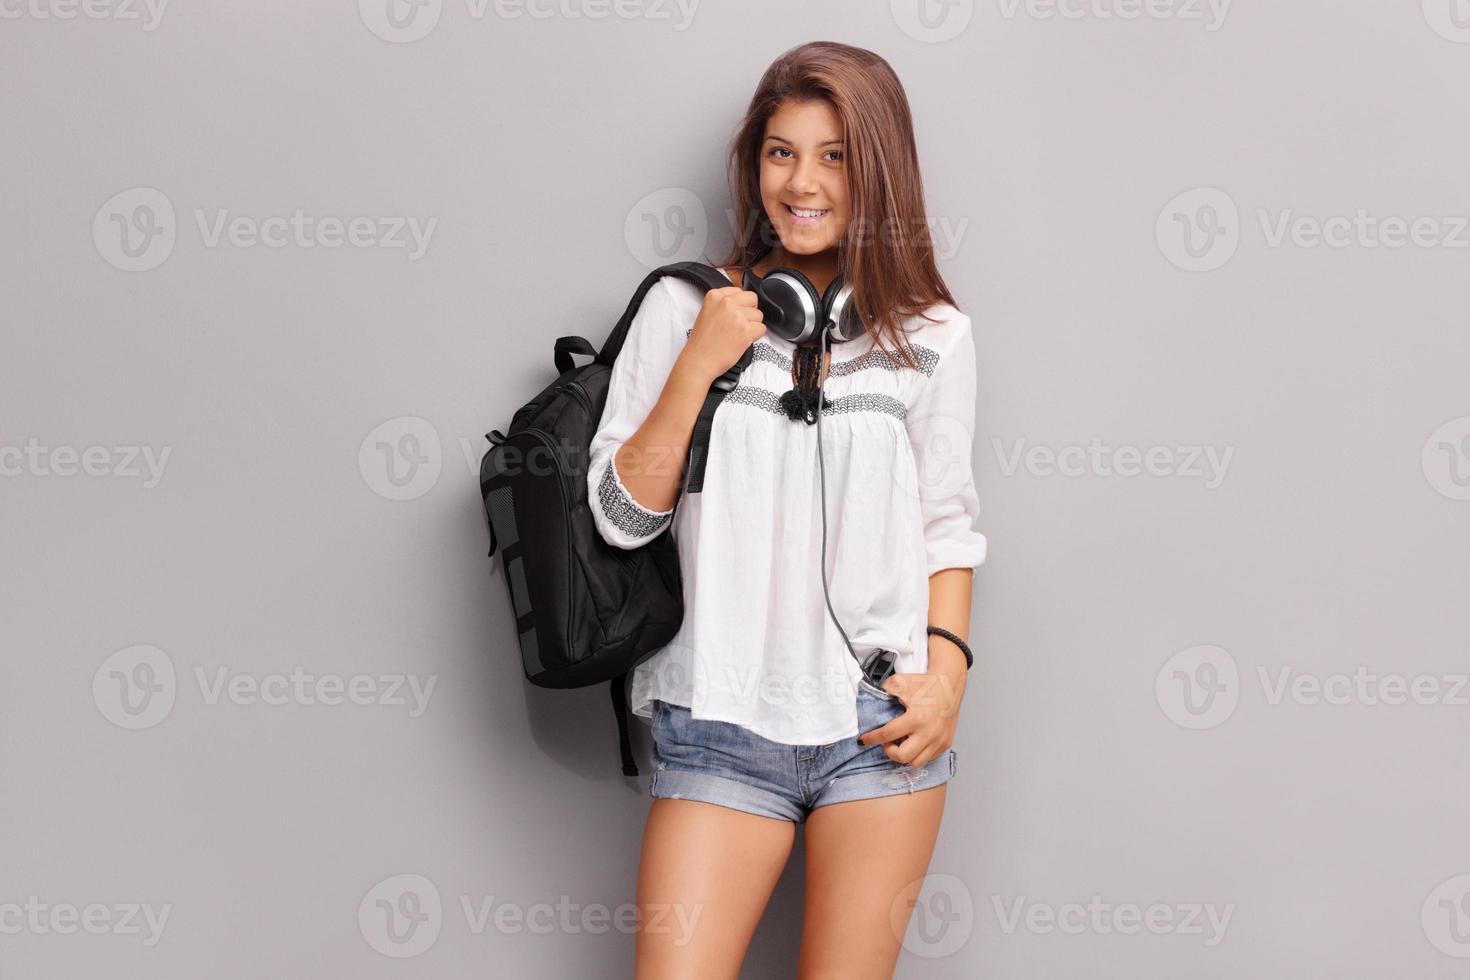 adolescente com fones de ouvido carregando uma mochila foto